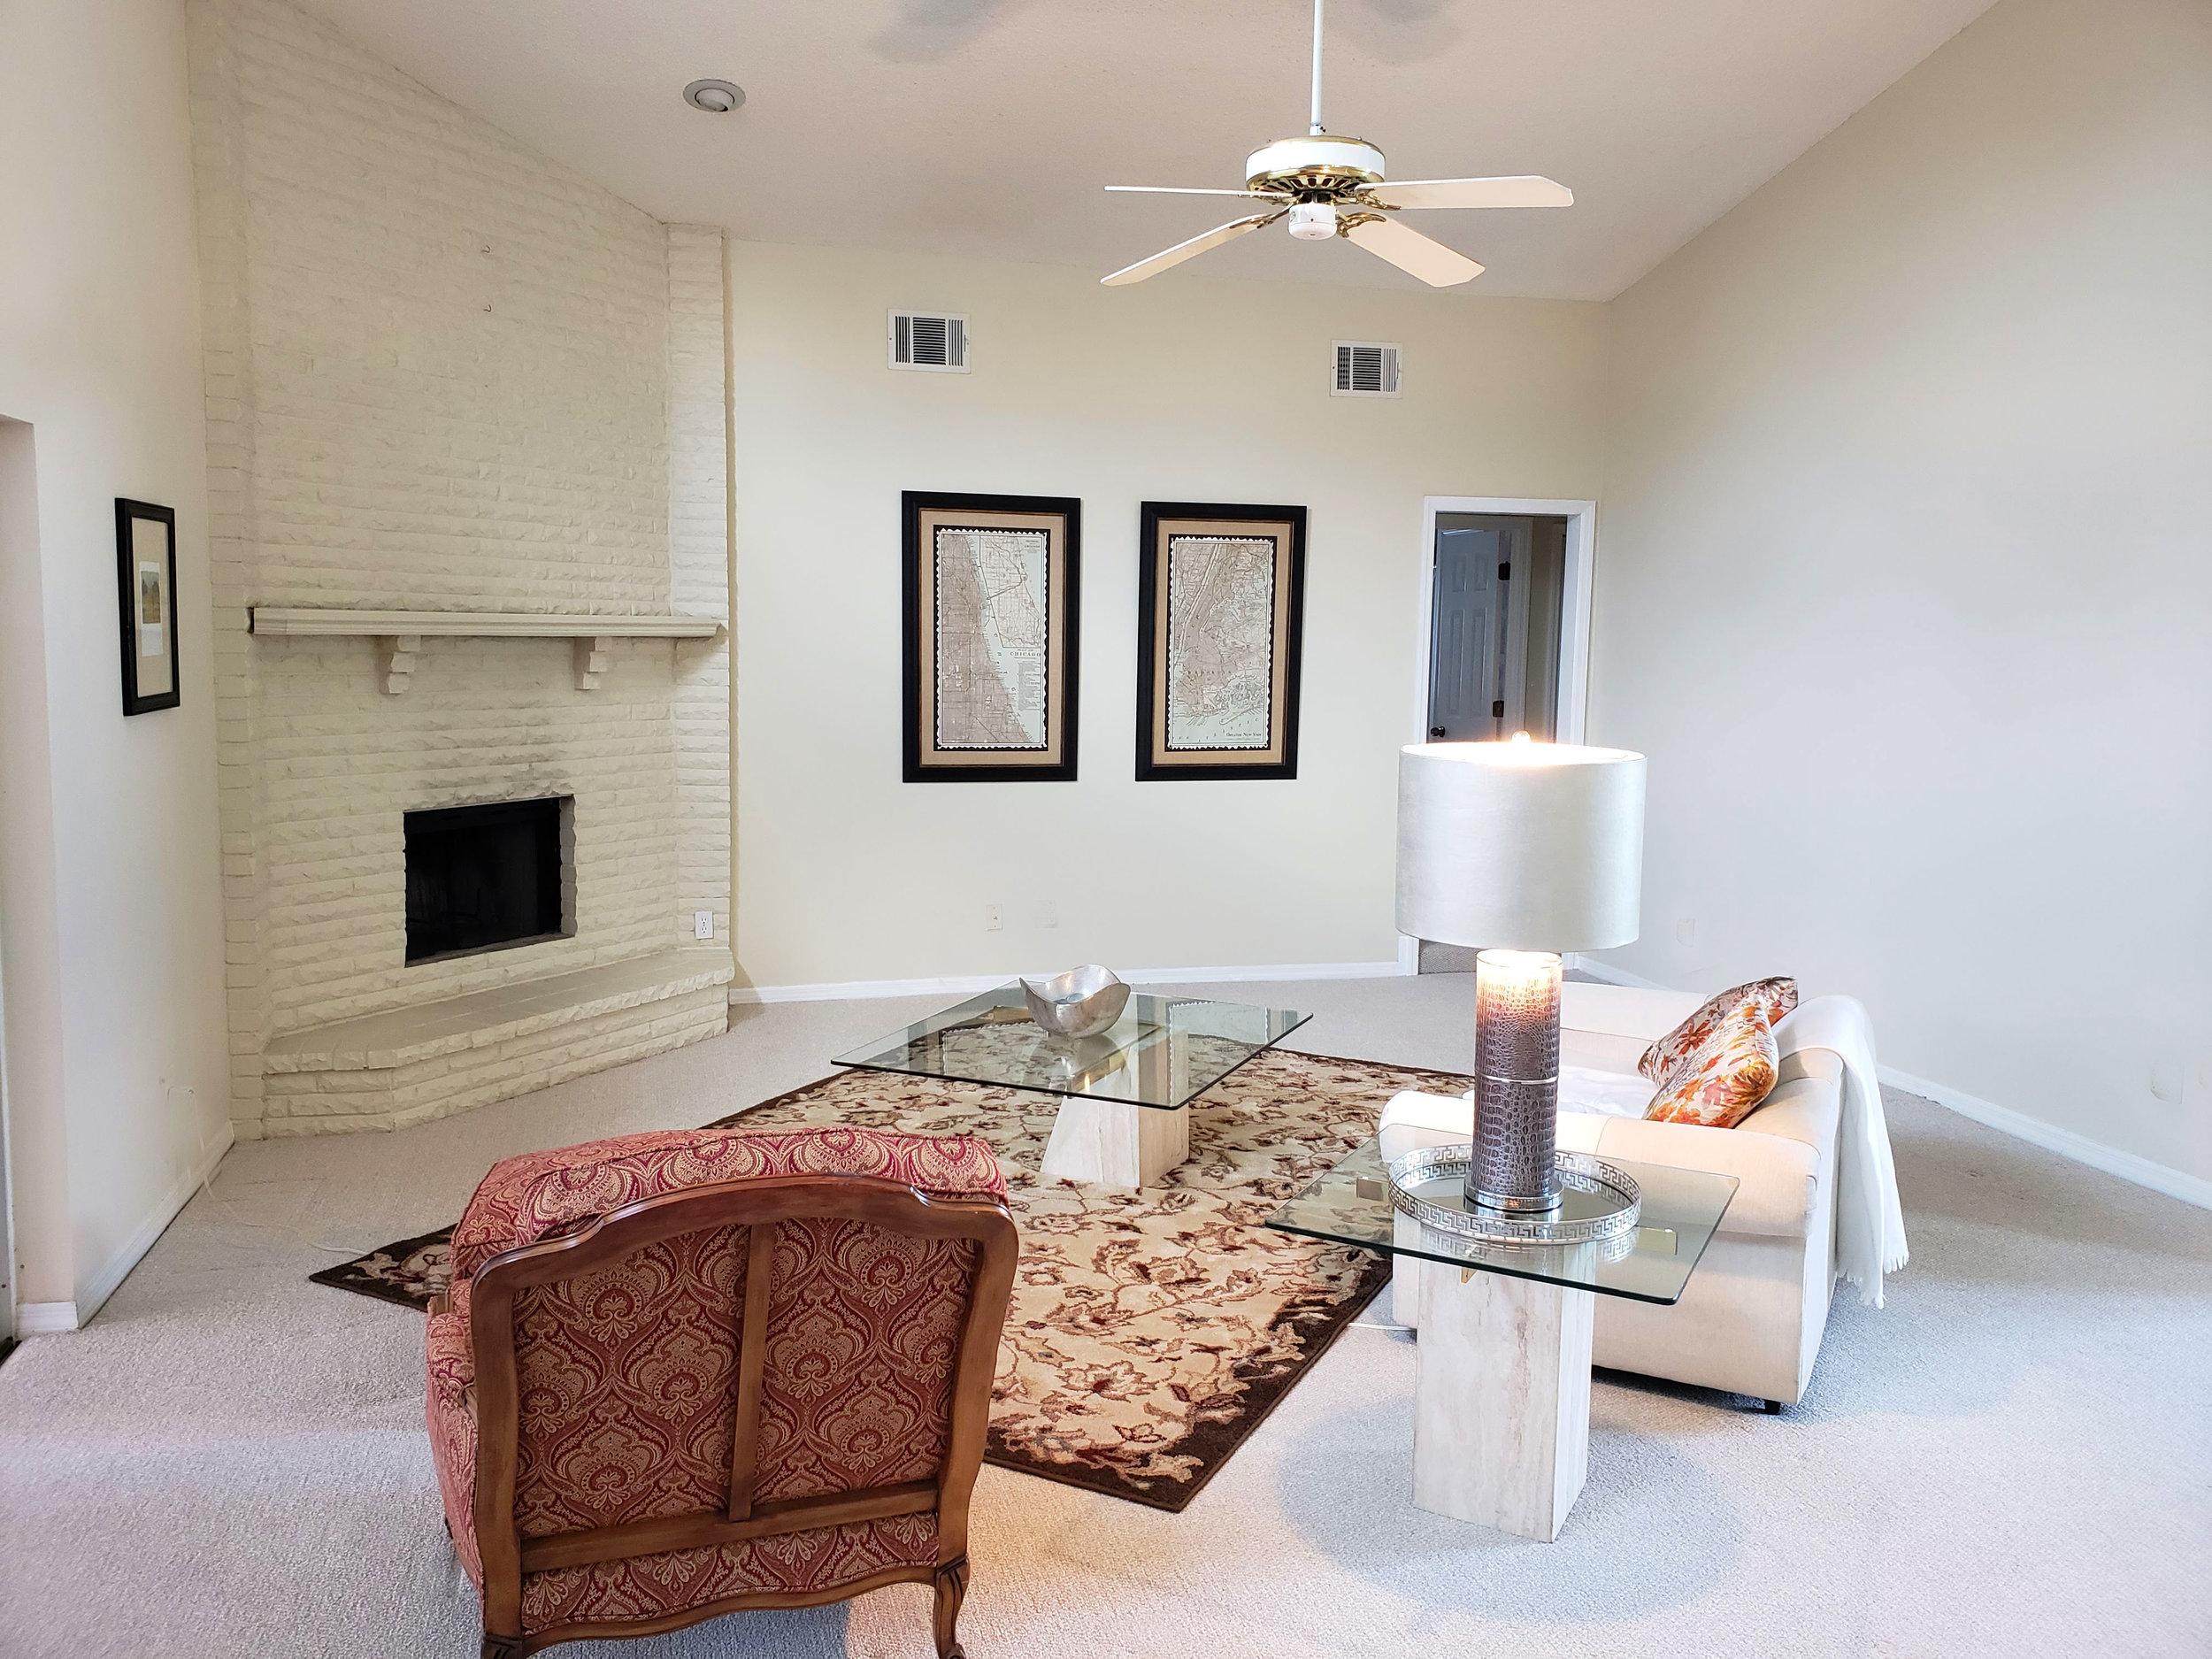 livingroom1c.jpg